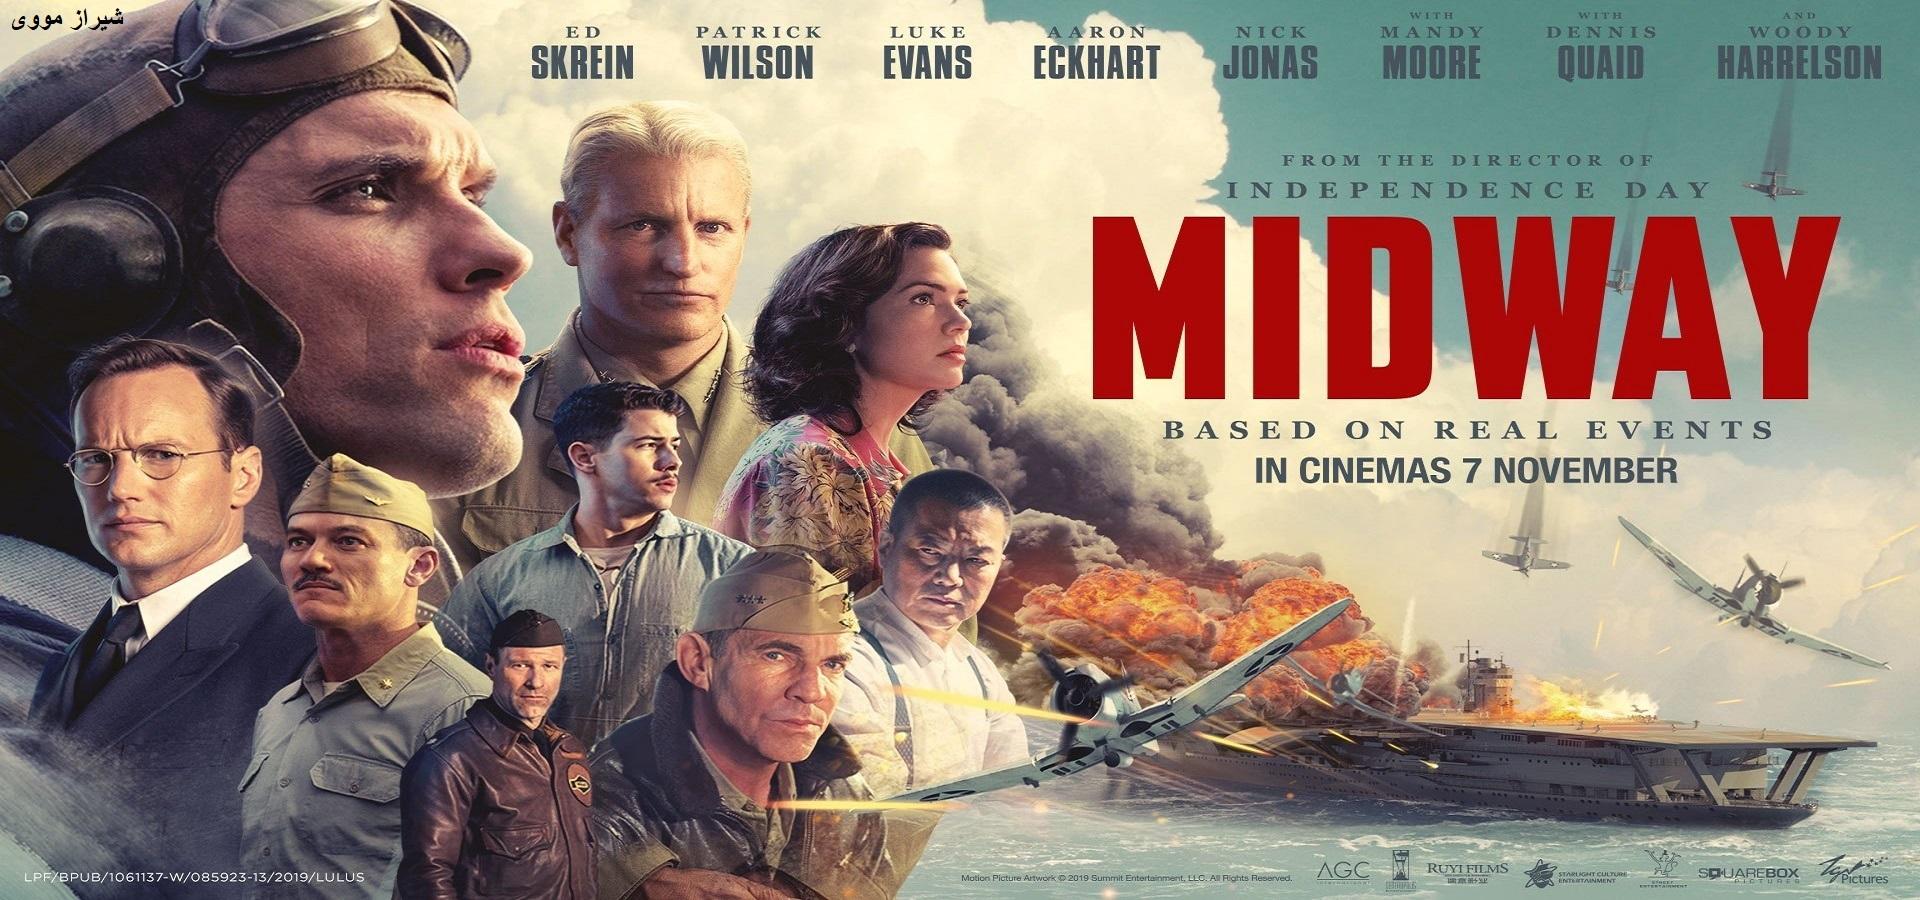 دانلود فیلم Midway 2019 میدوی با زیرنویس فارسی